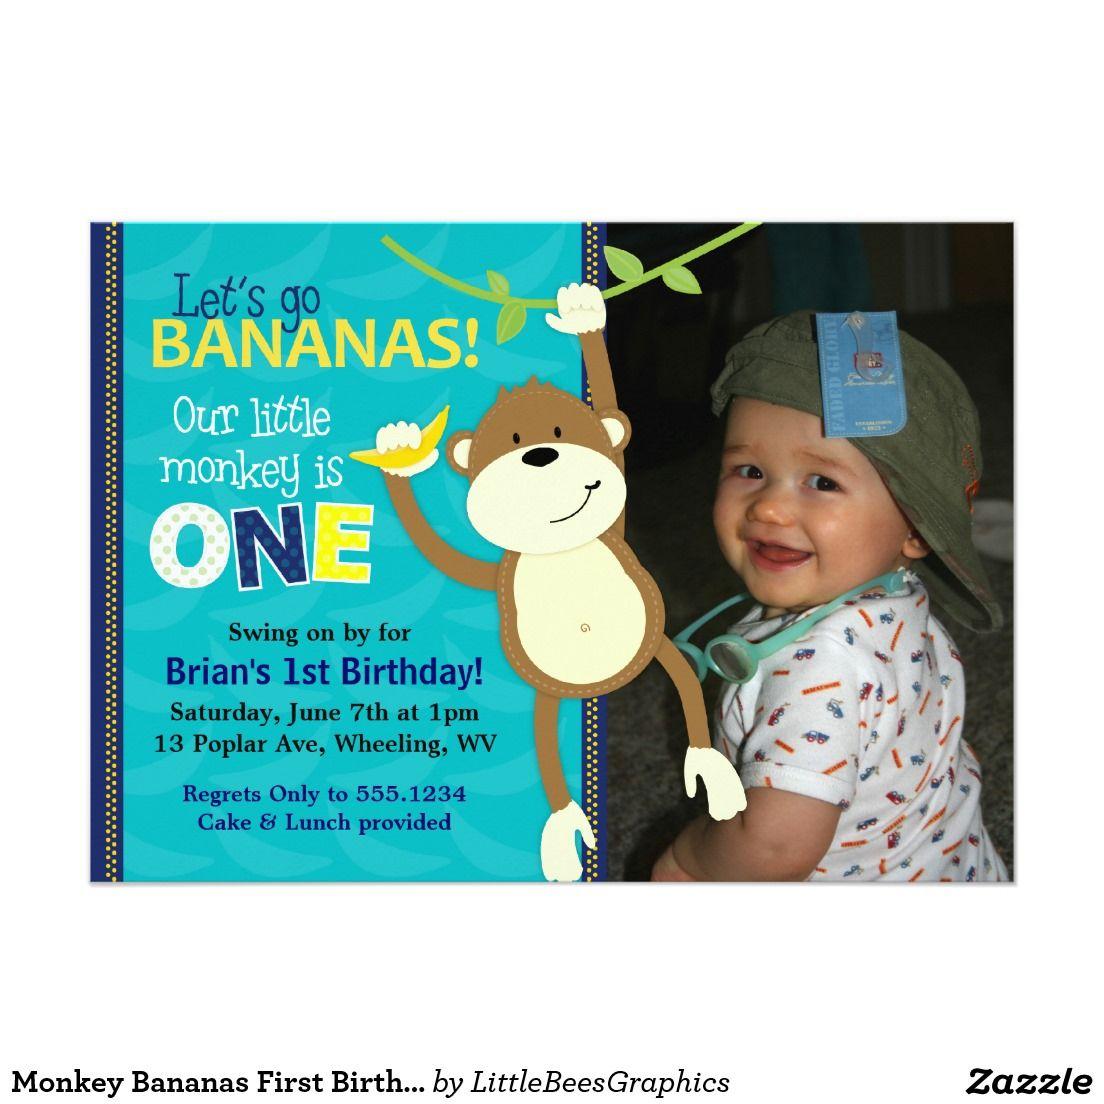 Monkey Bananas First Birthday Photo Invitations | BOYS\' BIRTHDAY ...